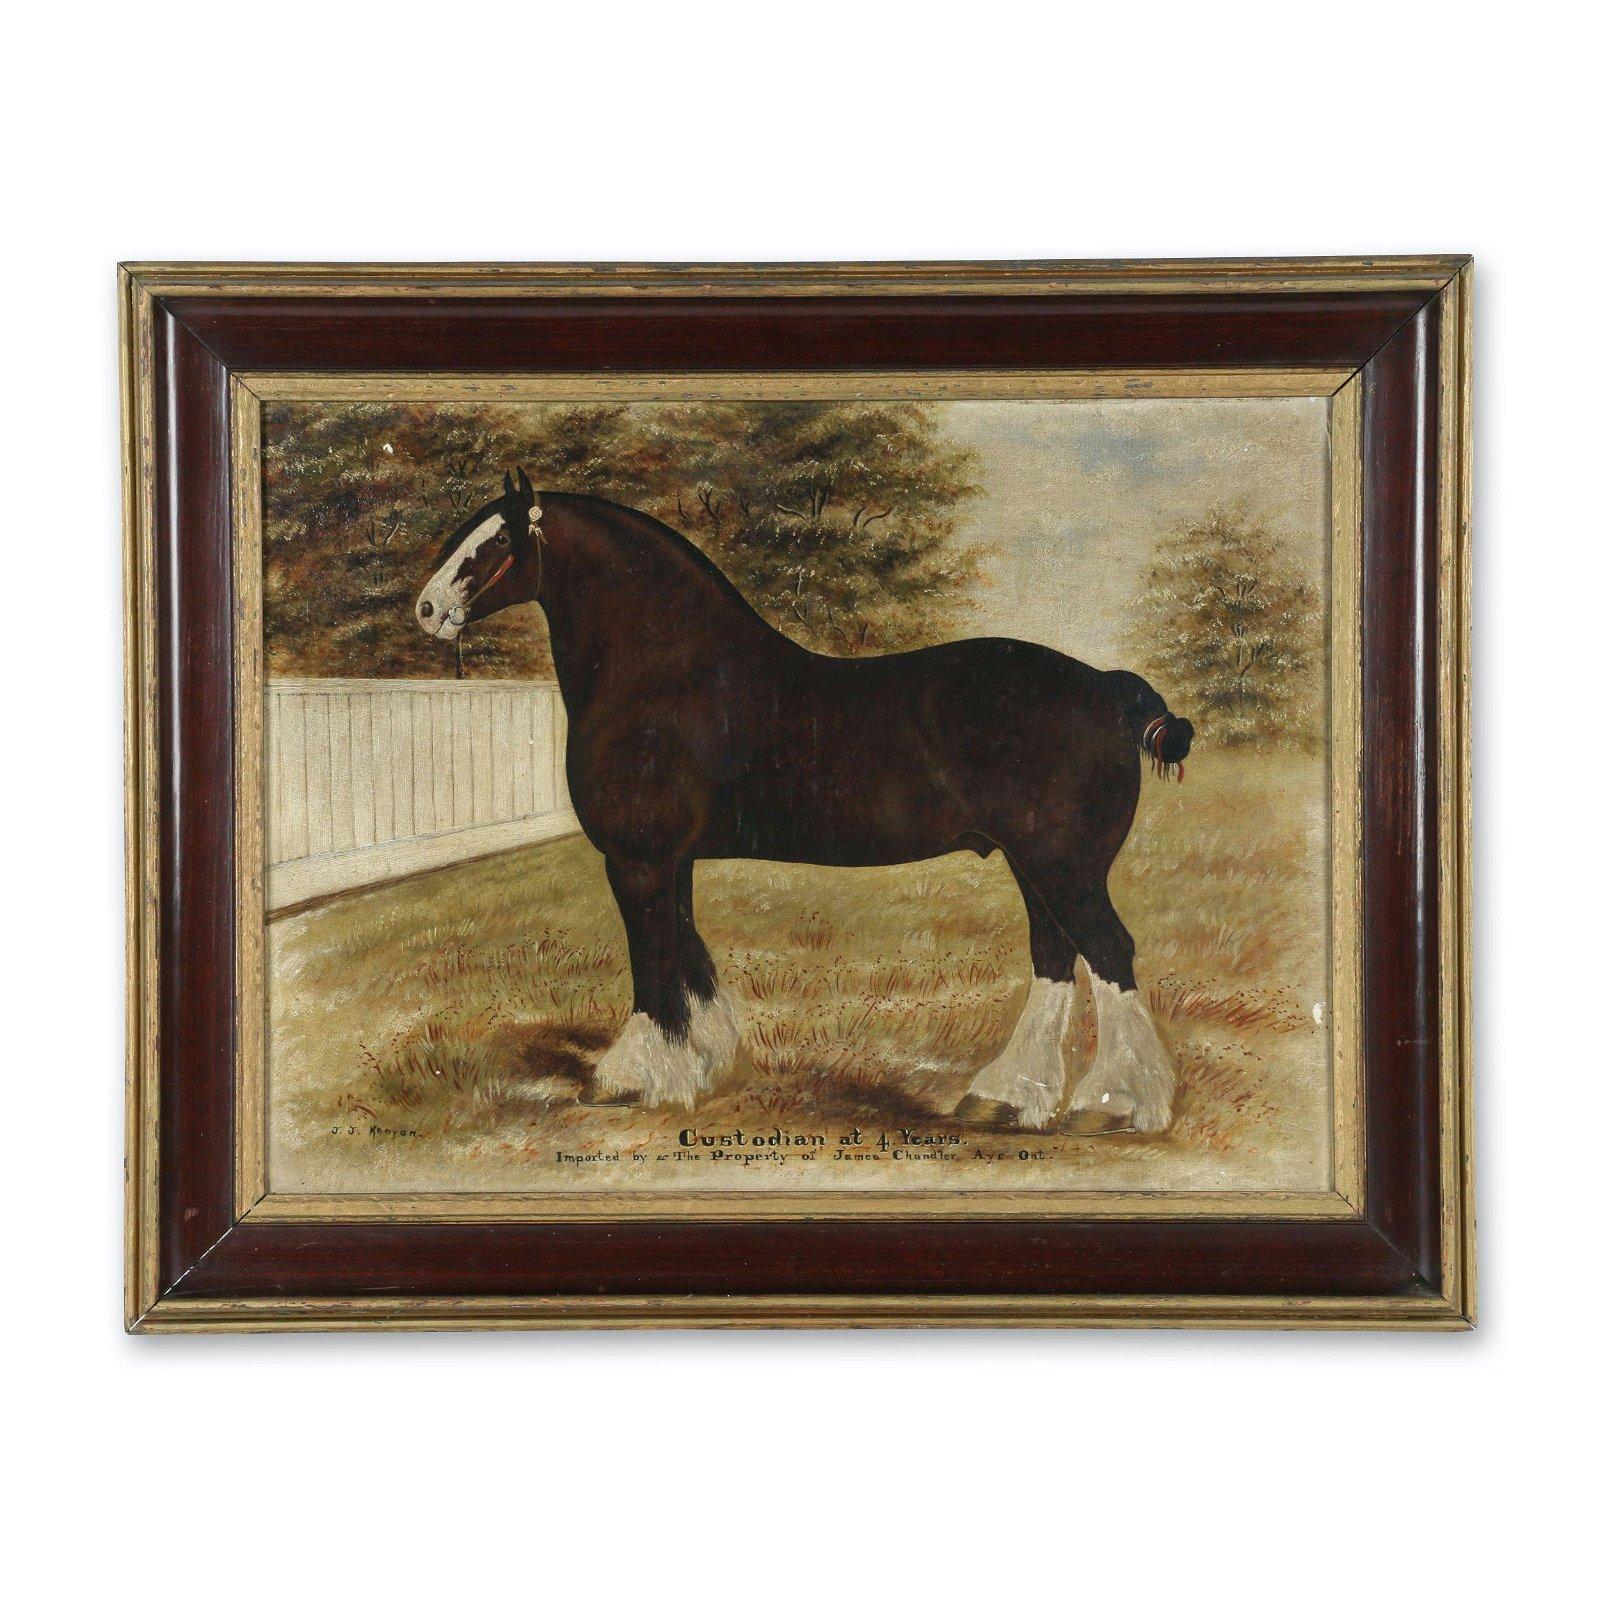 J.J. Kenyon Oil On Canvas of a Horse